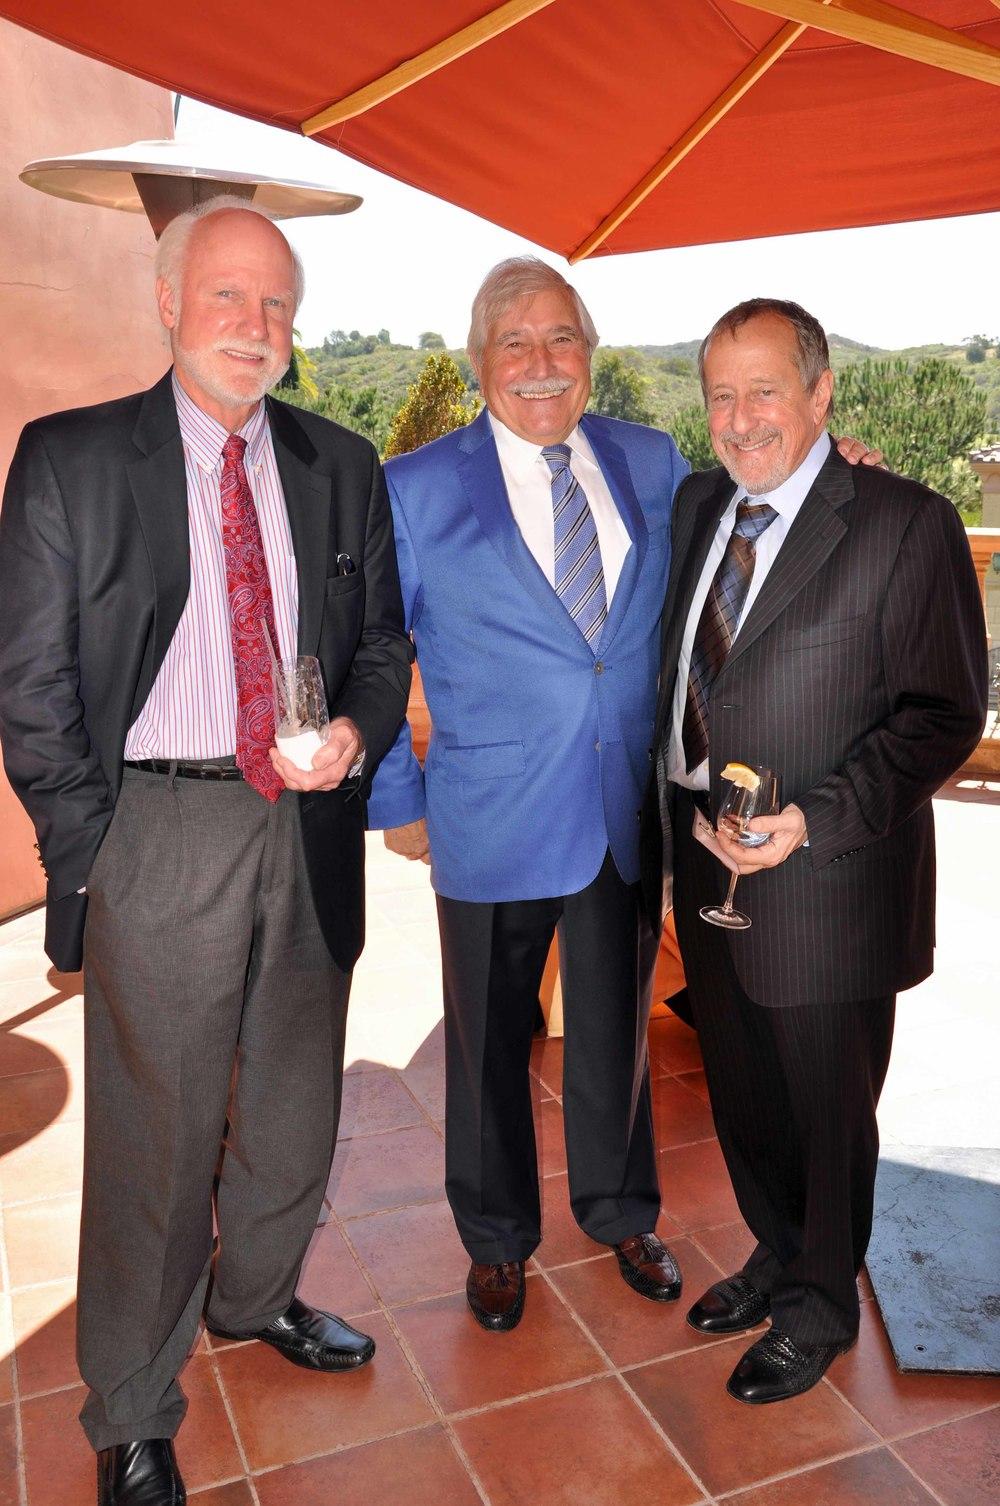 Vincent Andrunas, Dieter Kuster, Dennis Sciotto